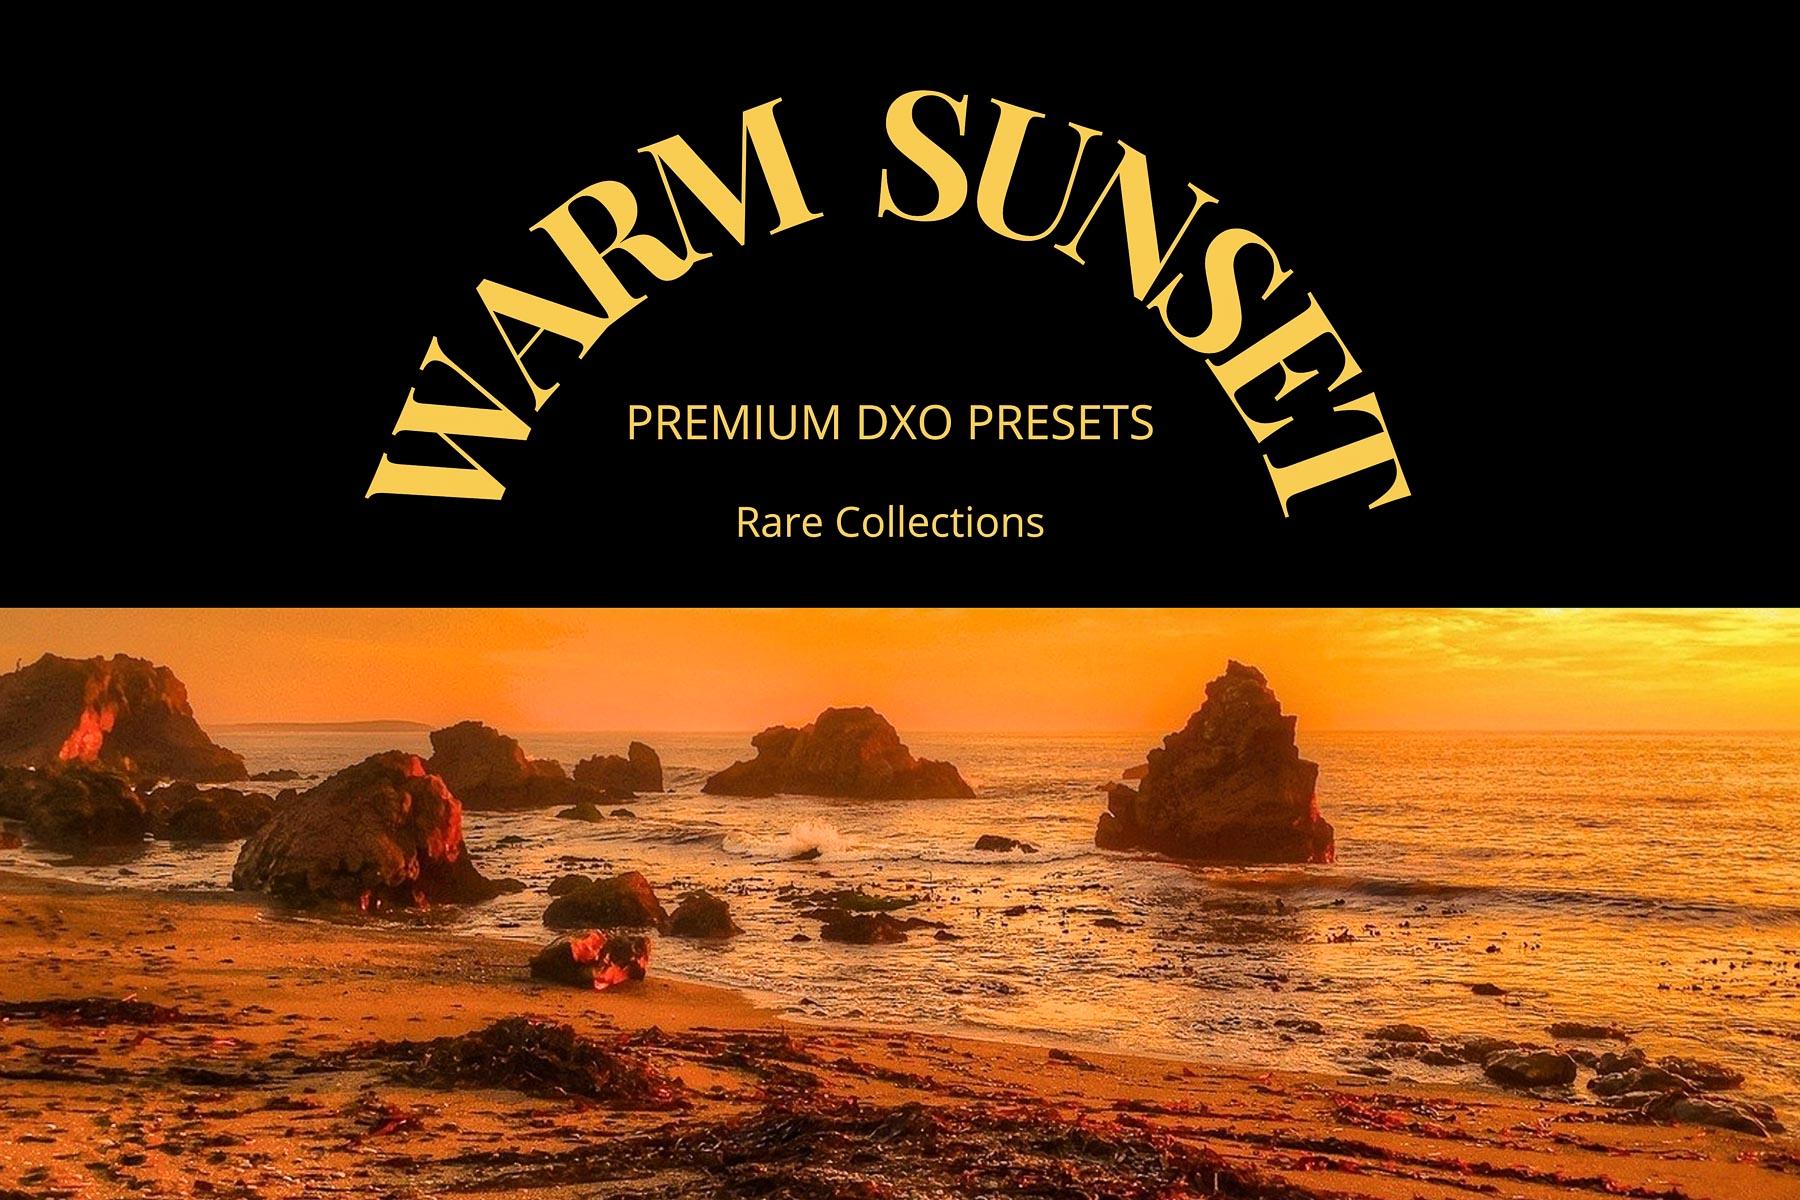 DxO Warm Sunset Presets from PixaFOTO.com